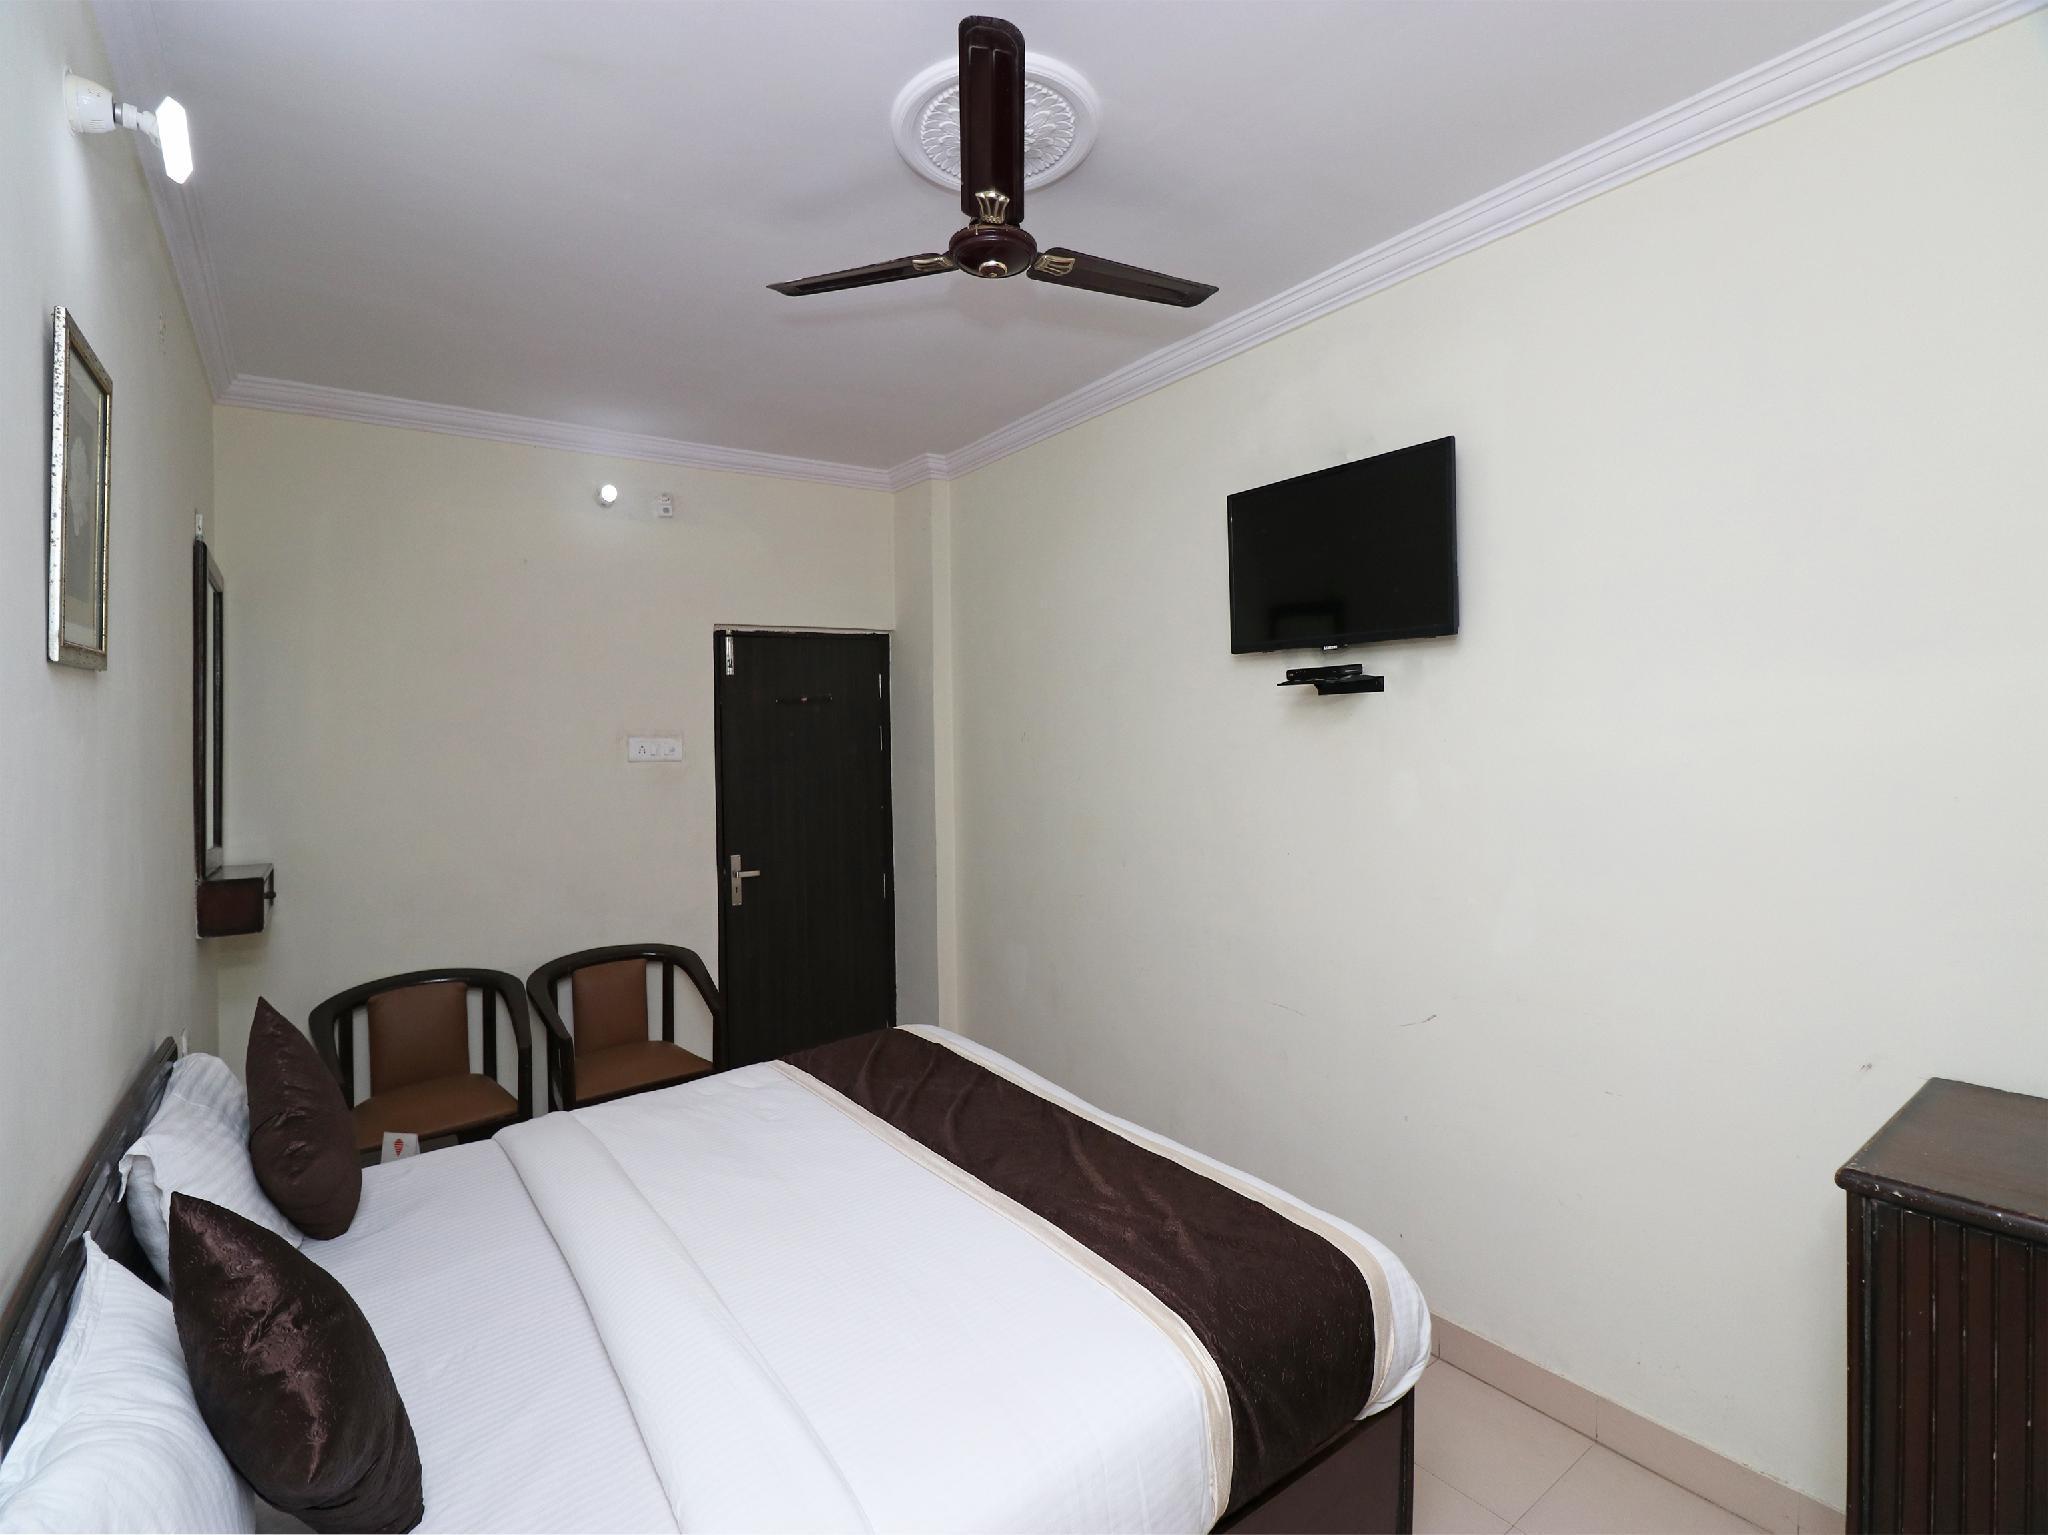 OYO 23009 Hotel Maxx